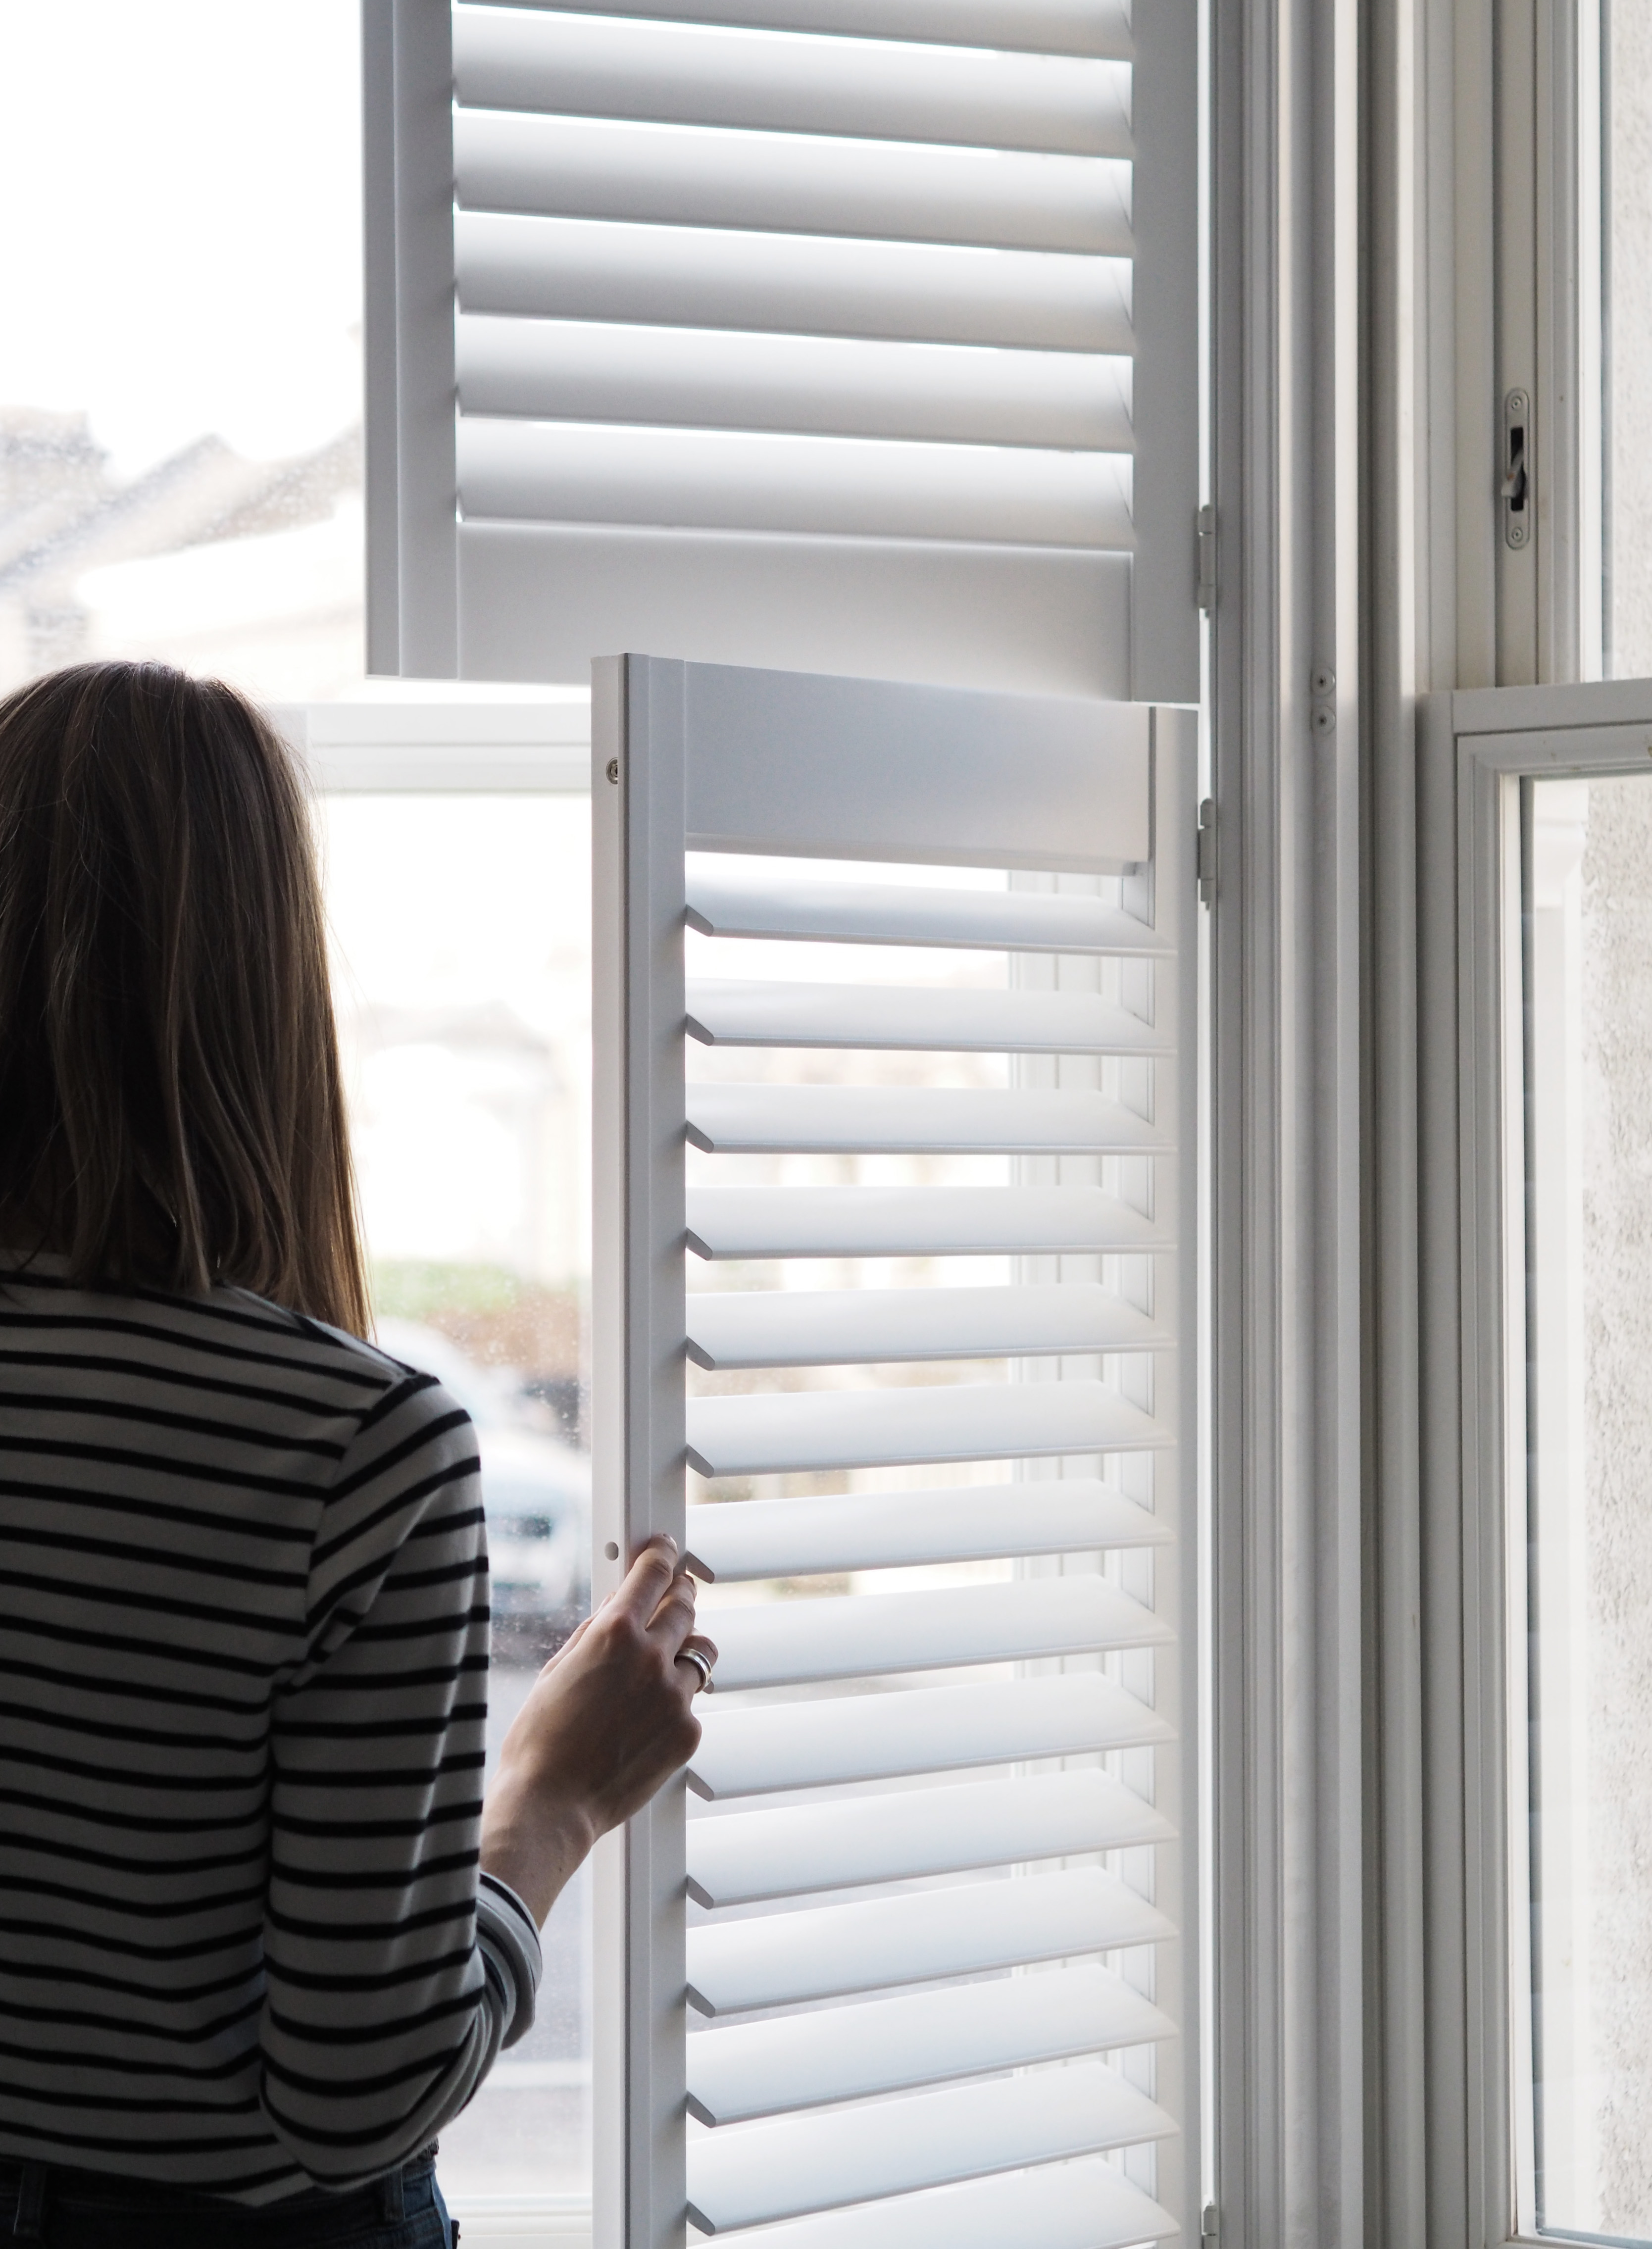 Wooden Window Shutters From Hillarys Light Living Room